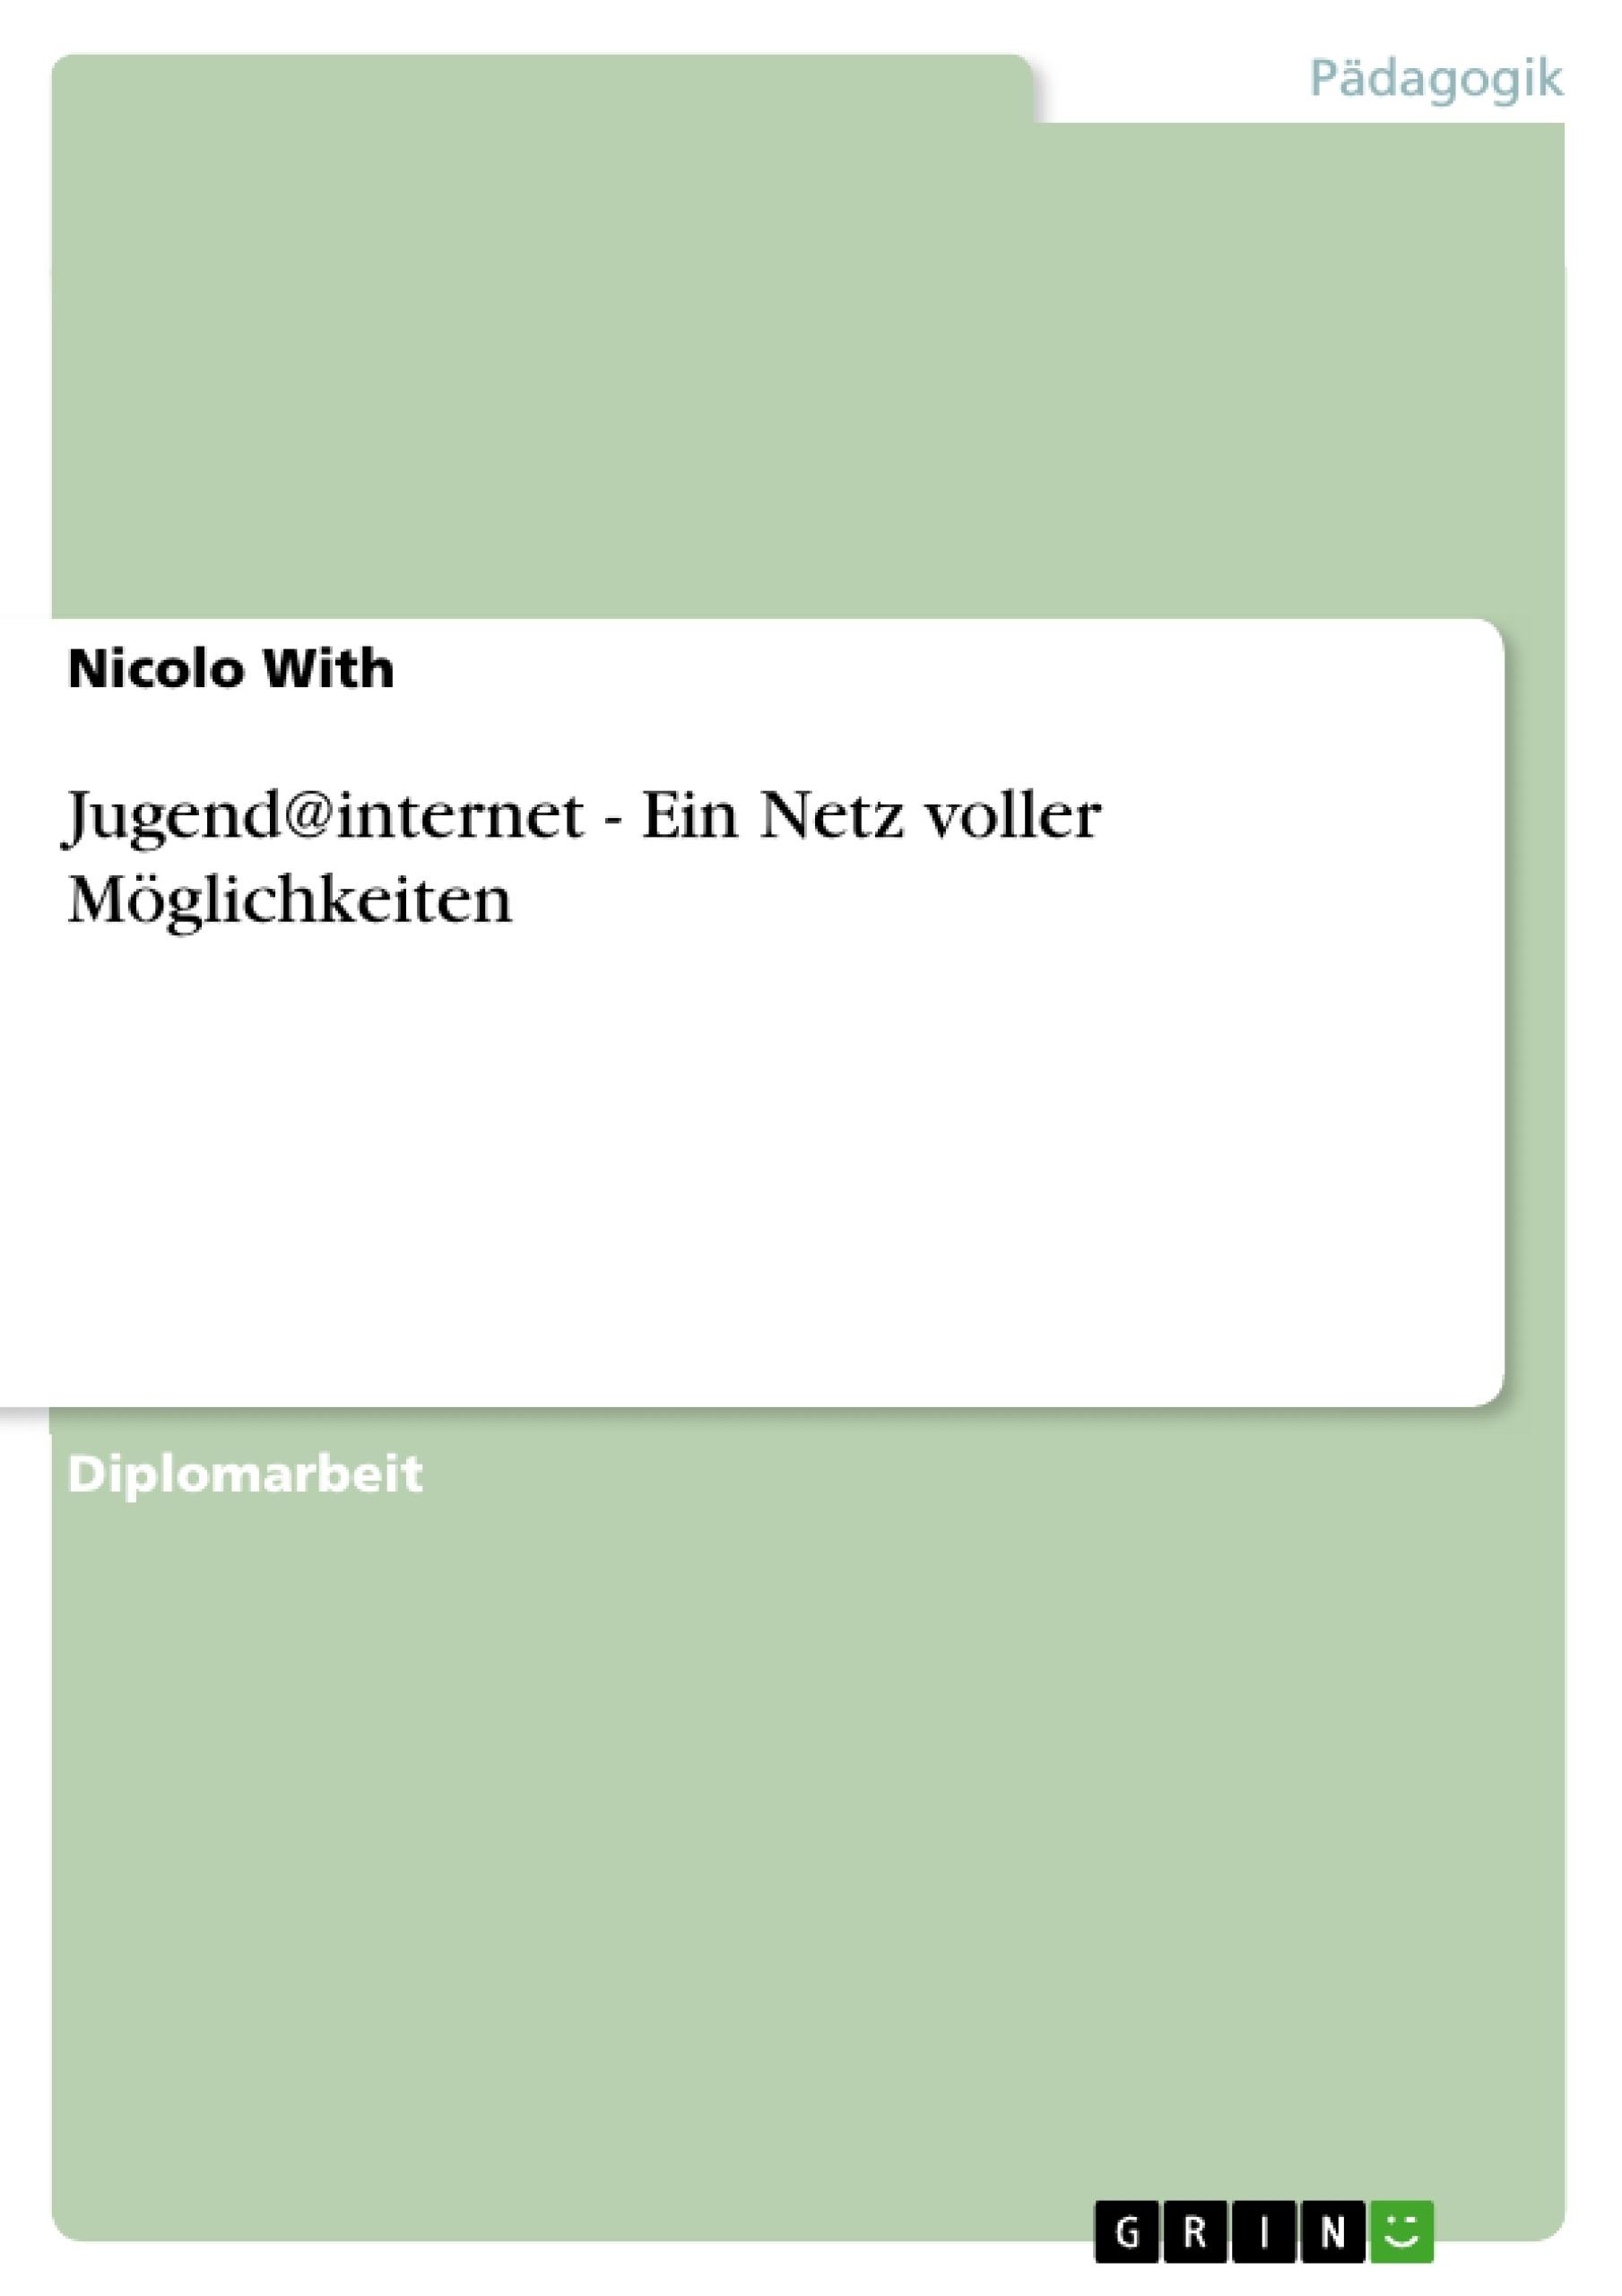 Titel: Jugend@internet - Ein Netz voller Möglichkeiten